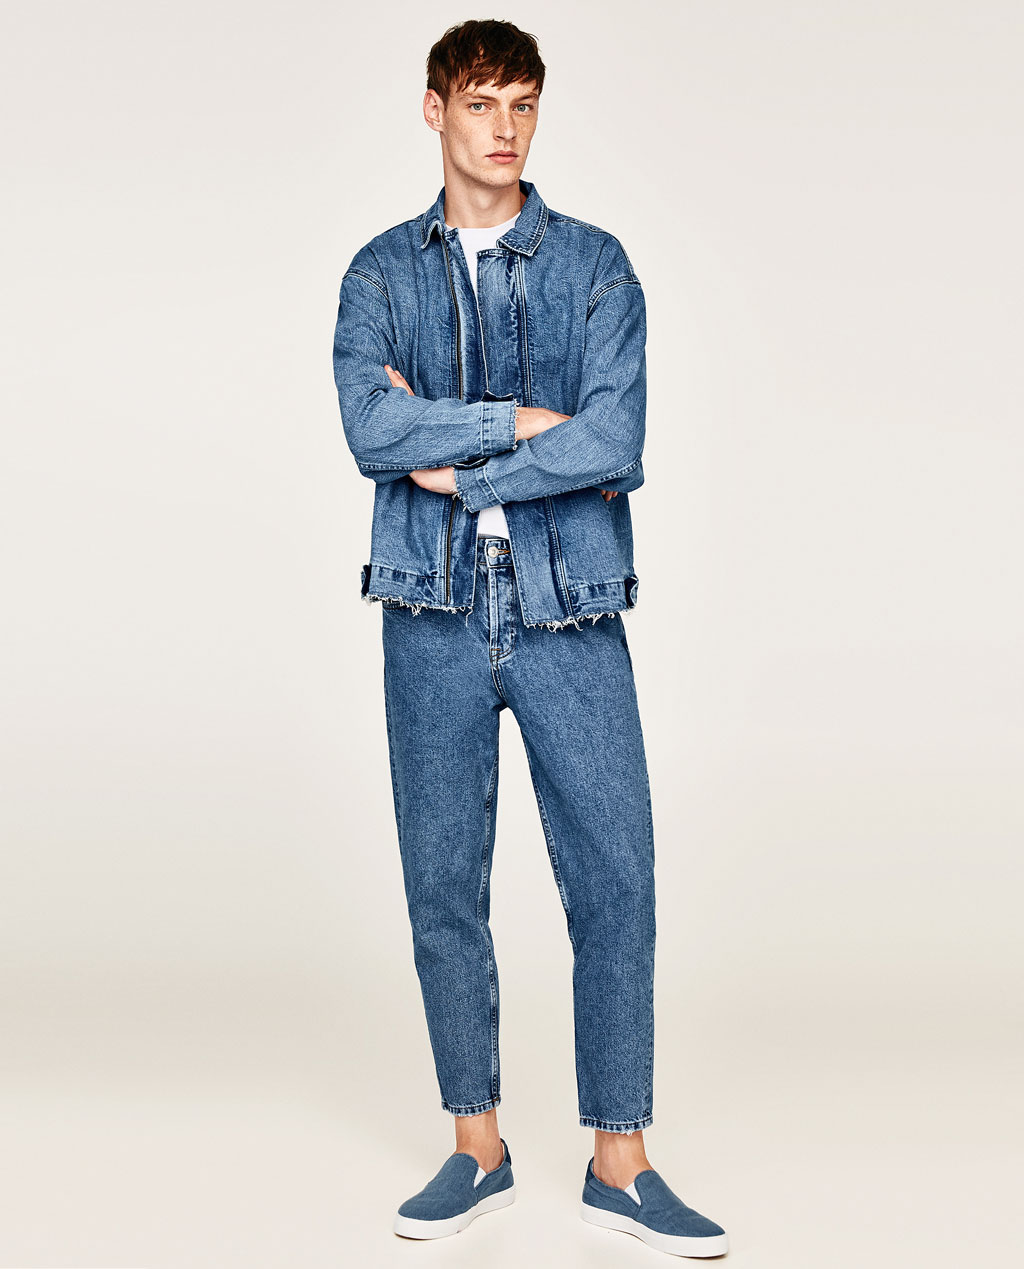 Zara Denim Essentials Jacket